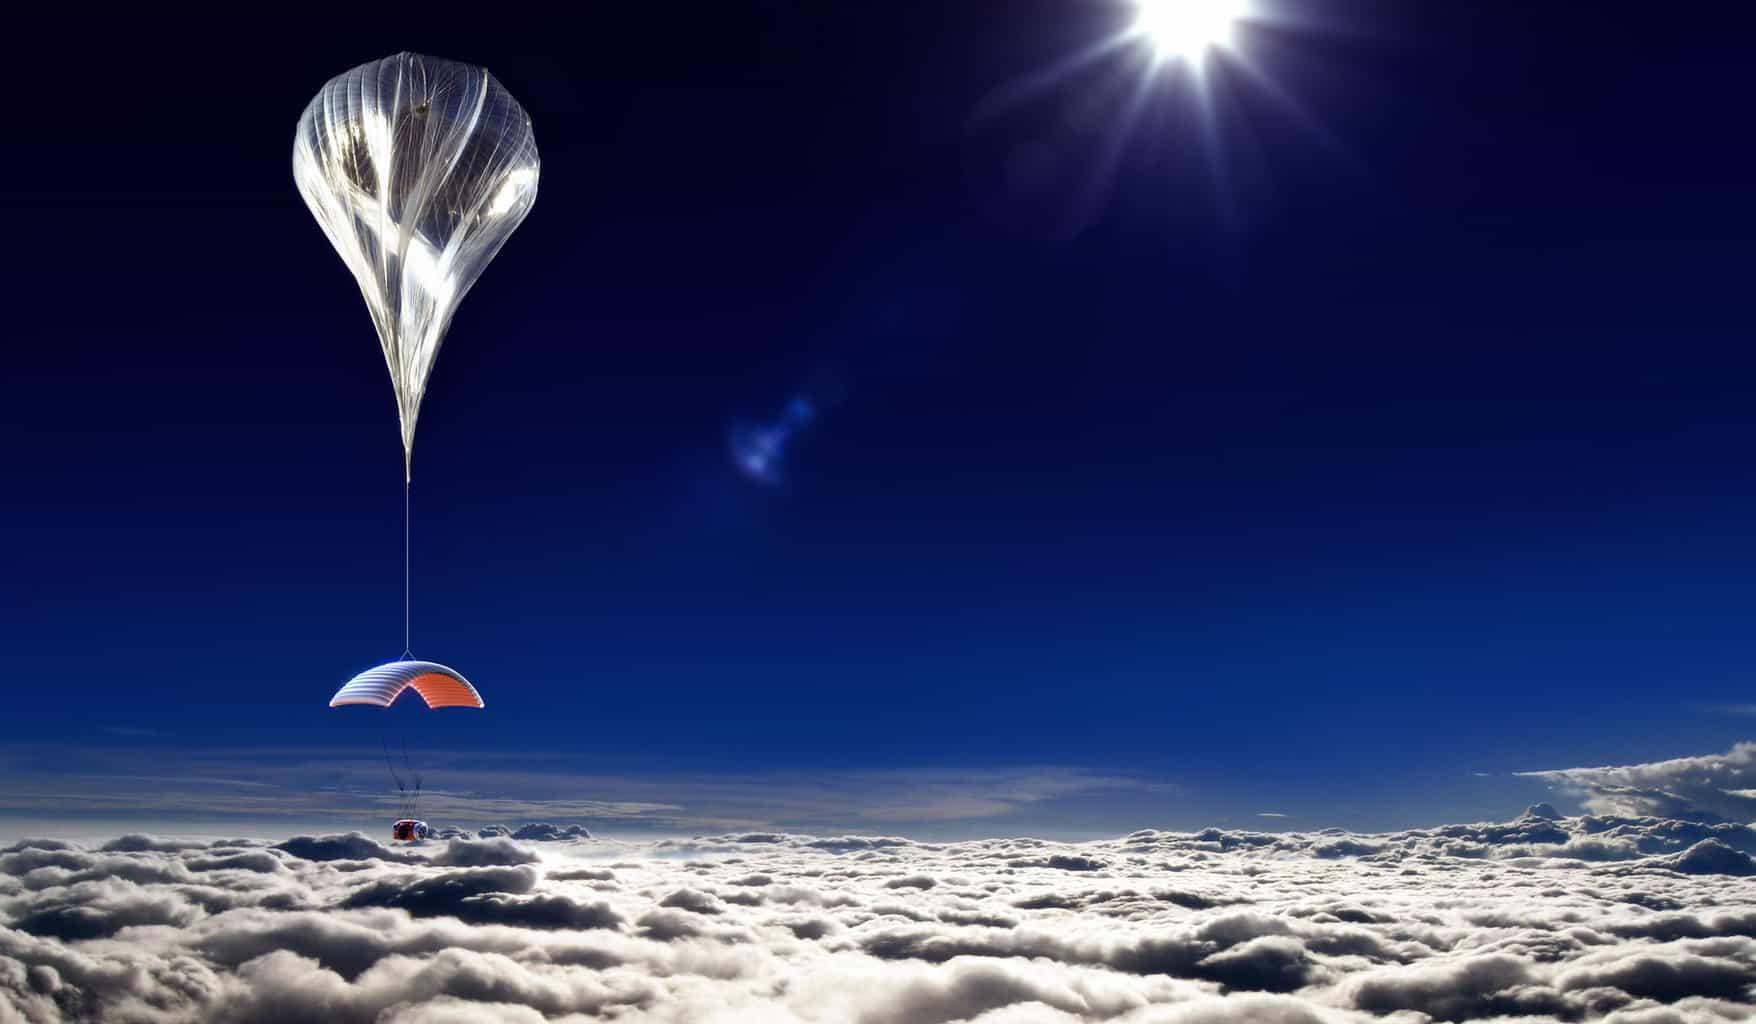 Una compañía de Estados Unidos ofrece exclusivos paseos en una góndola espacial hasta el borde del espacio por sólo $75.000